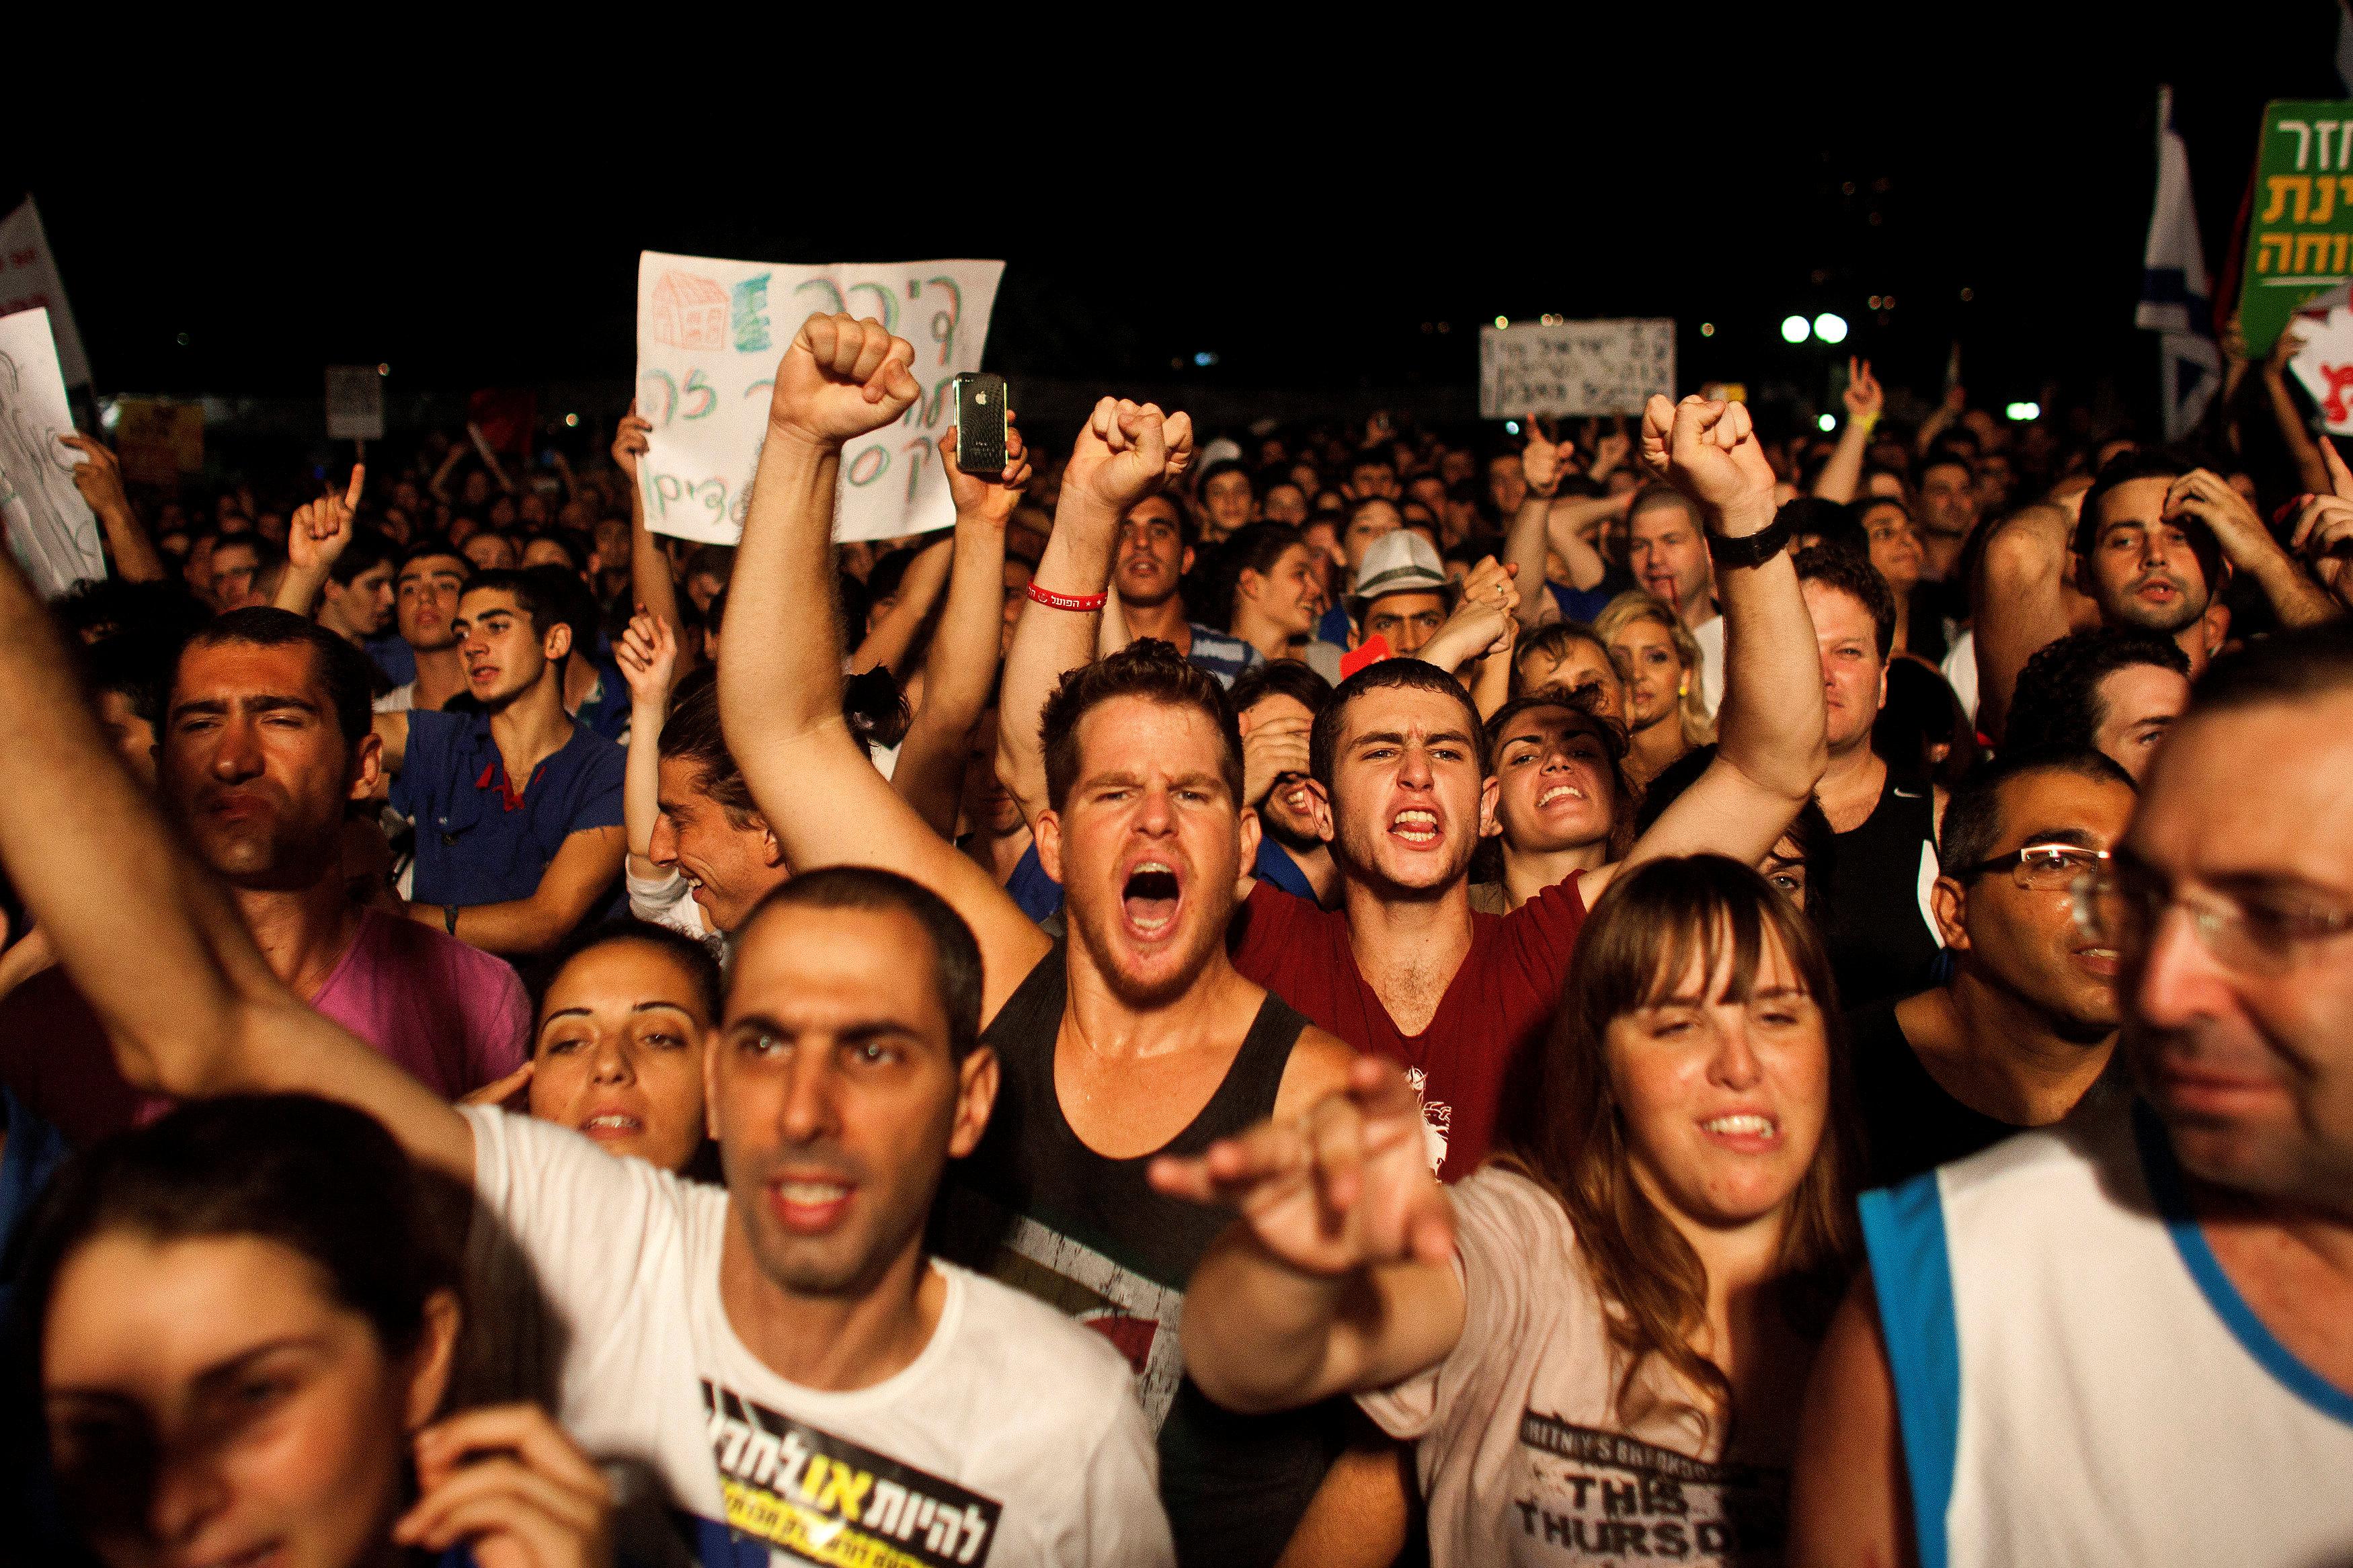 مظاهرات فى تل أبيب ضد غلاء المعيشة (5)